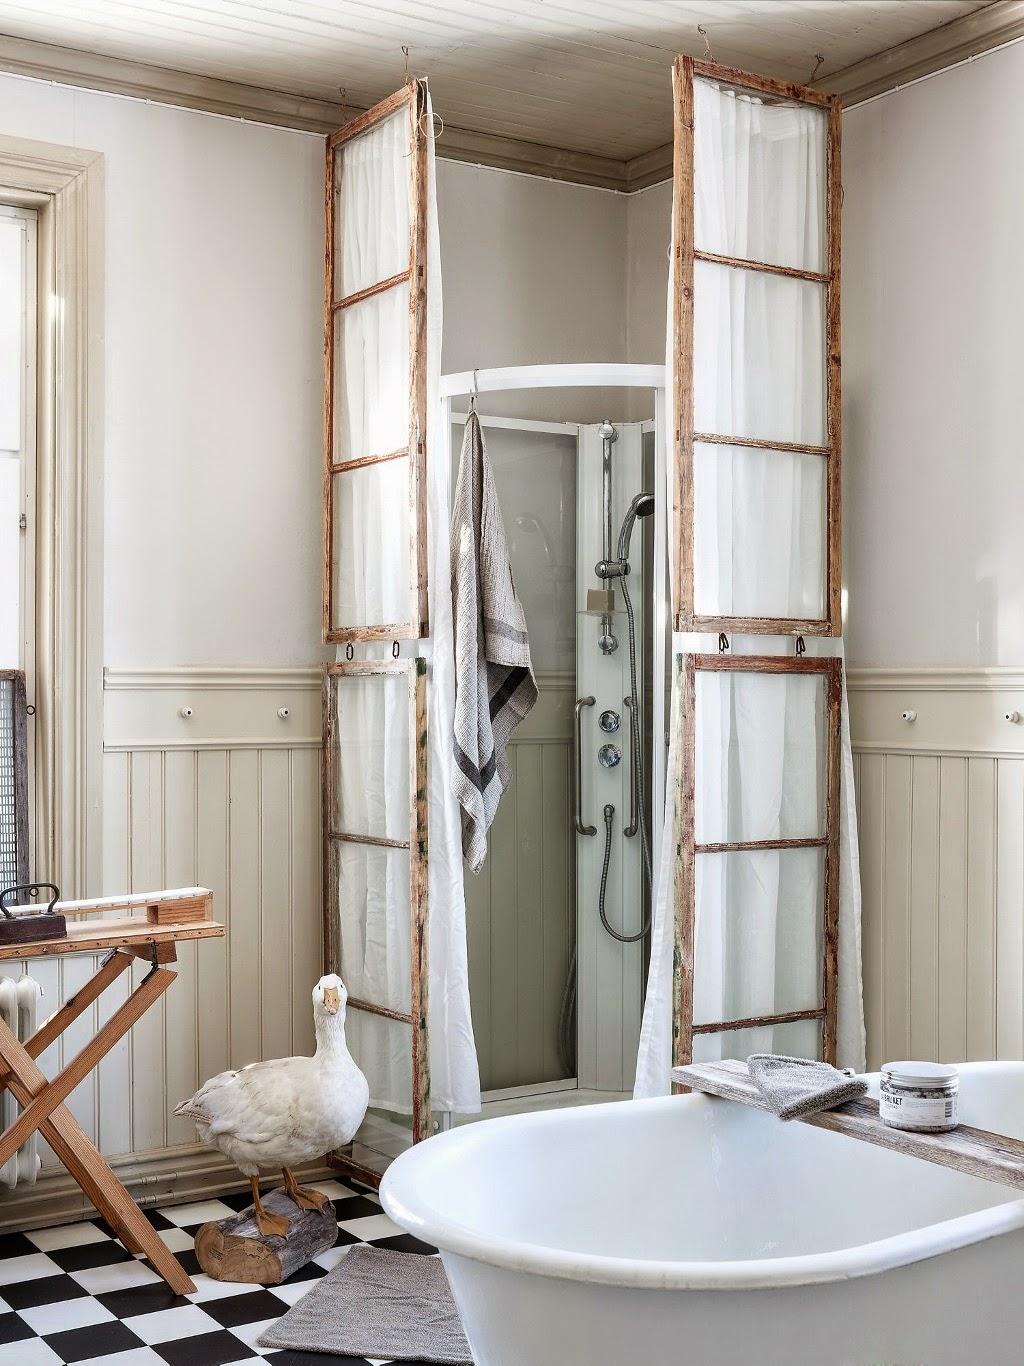 Cortinas De Baño Vintage:Vintage] Una reforma de baño en estilo vintage rústico